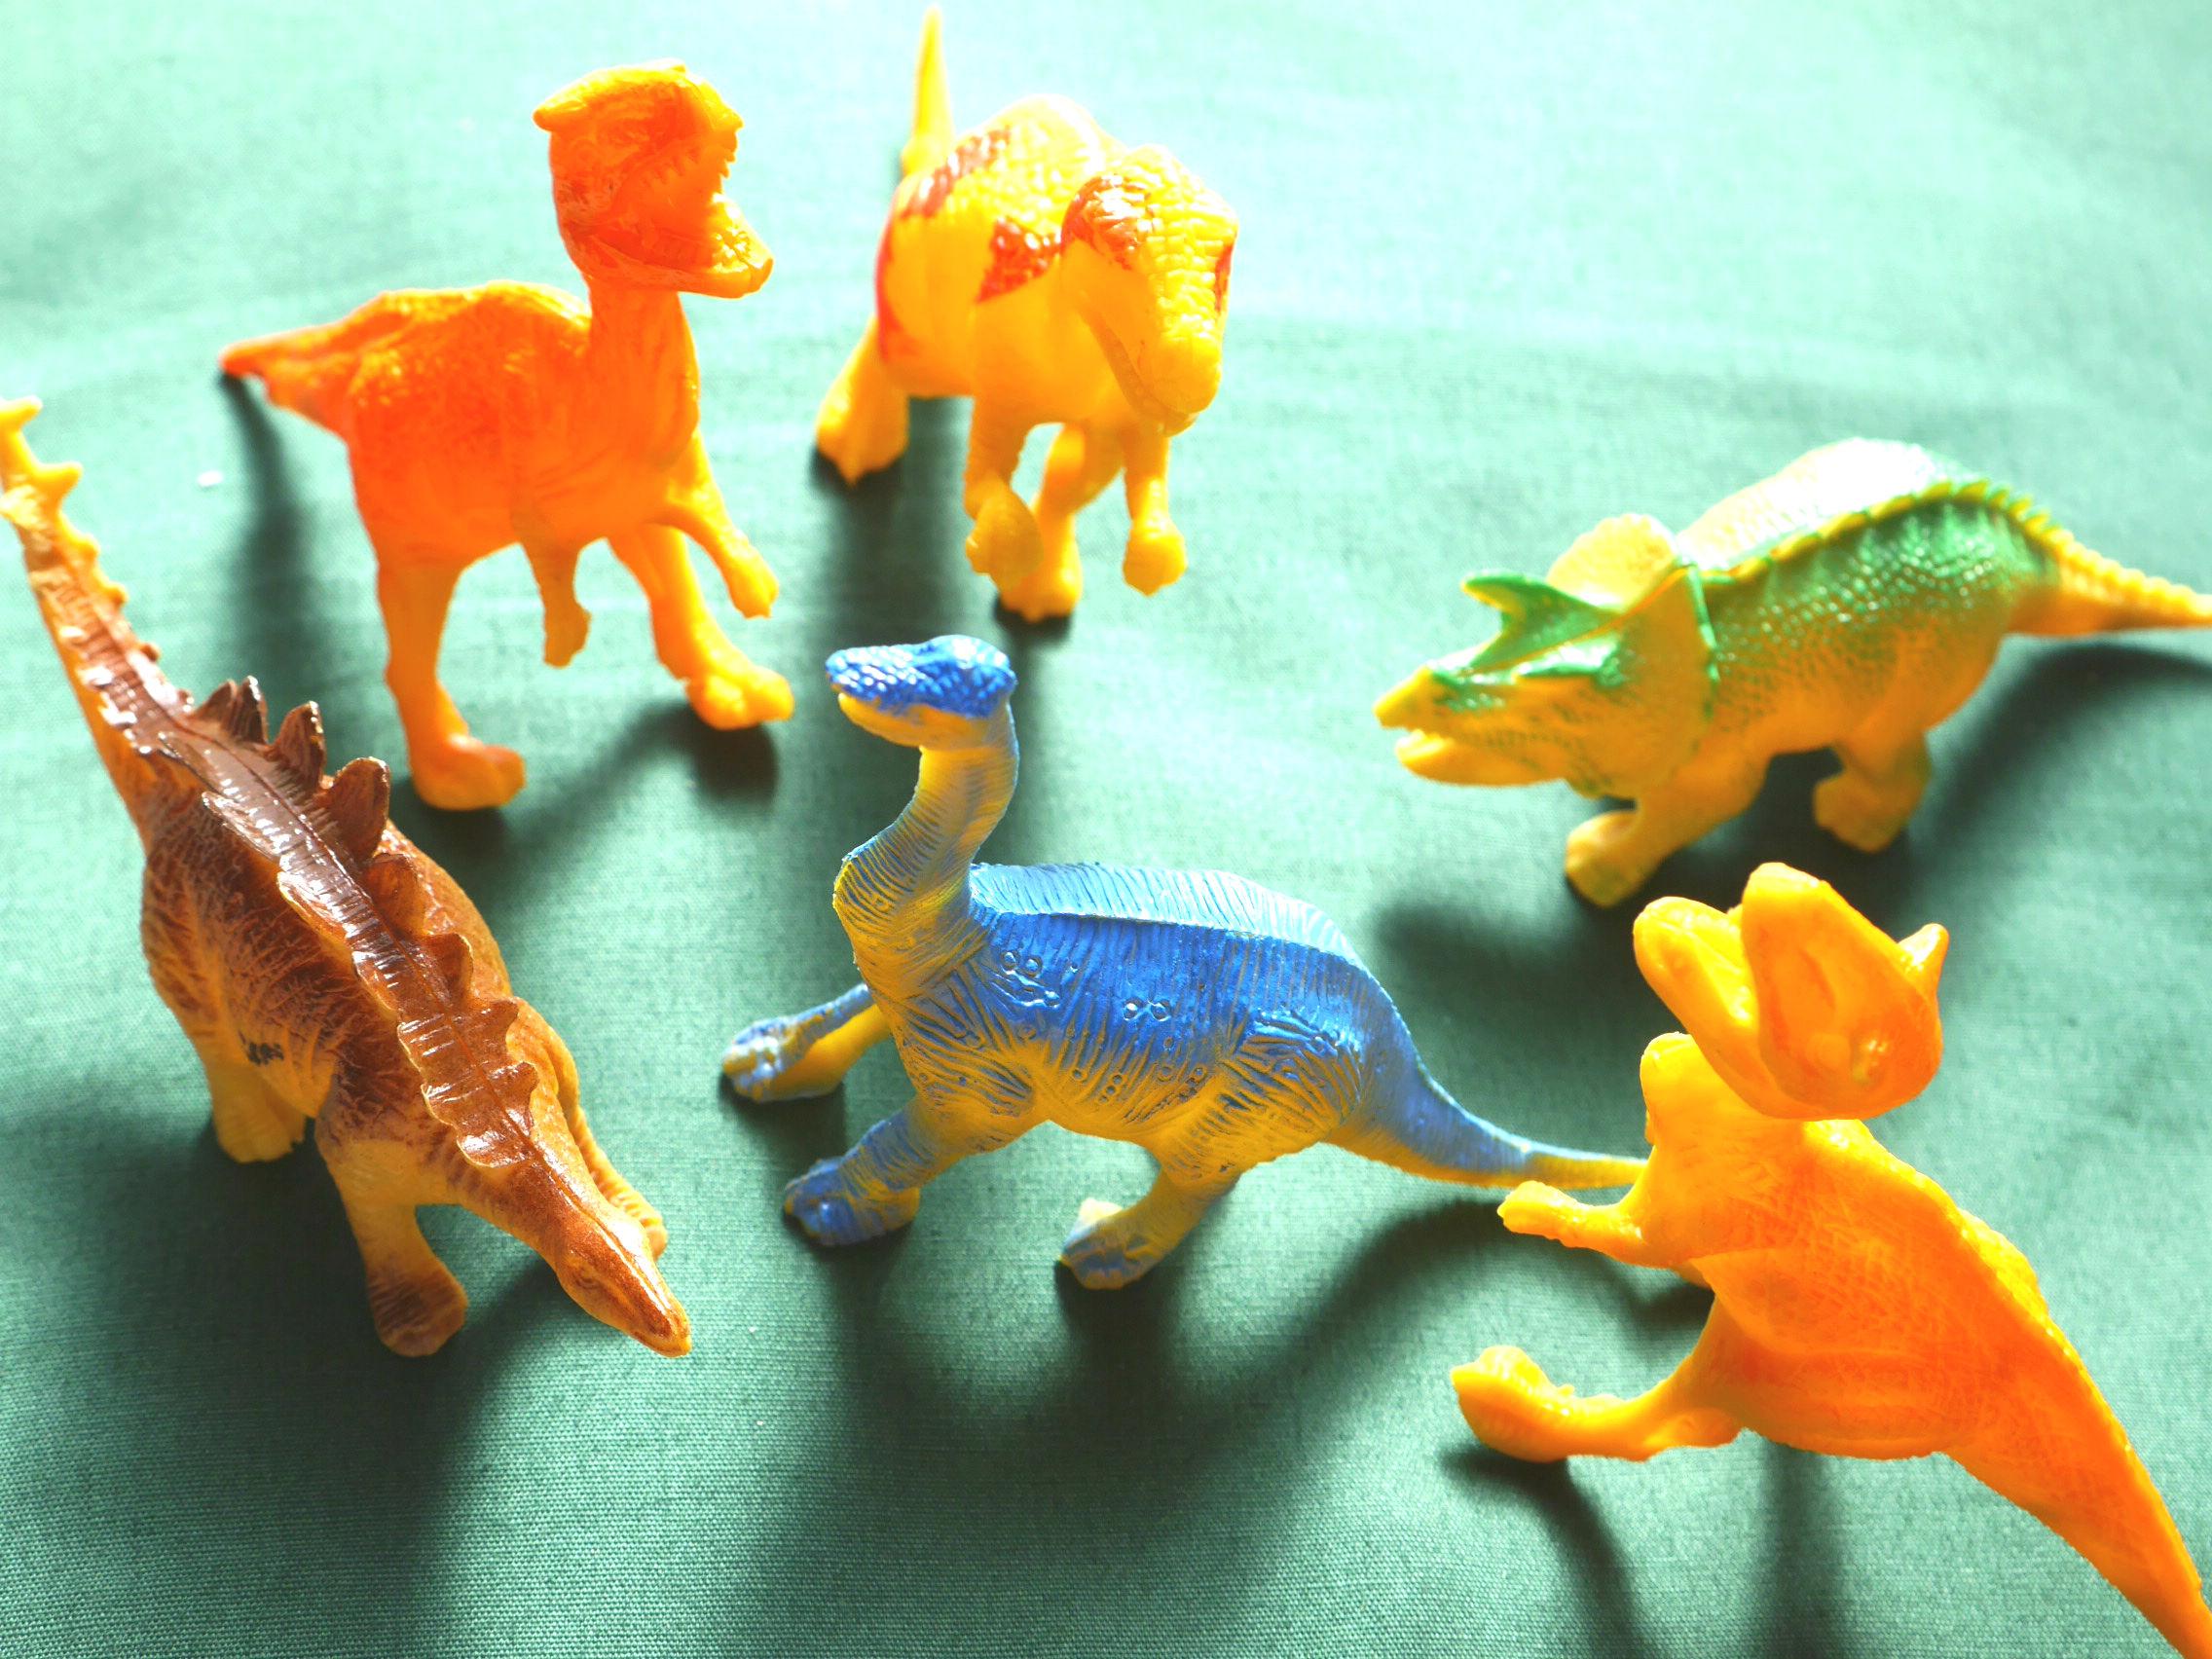 5種類の恐竜が勢ぞろい 恐竜好きのちびっ子が手に持って遊ぶにはちょうどいい大きさ